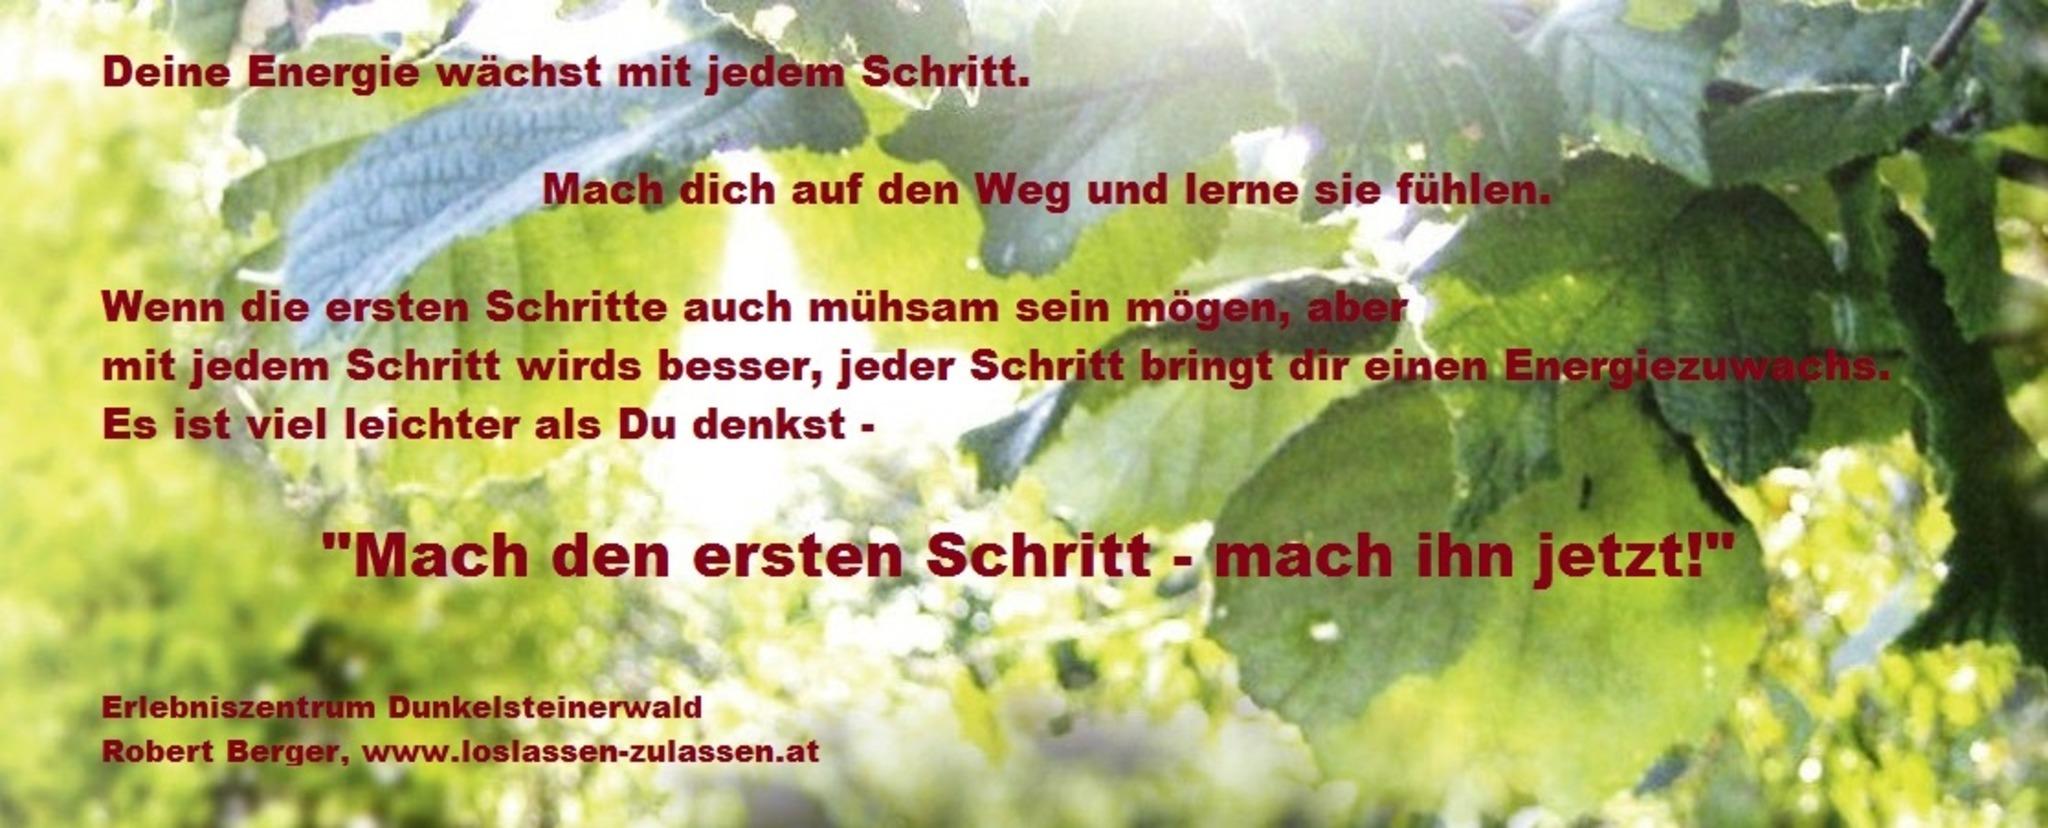 Laber Gerhard - Landwirt in 3122 Dunkelsteinerwald